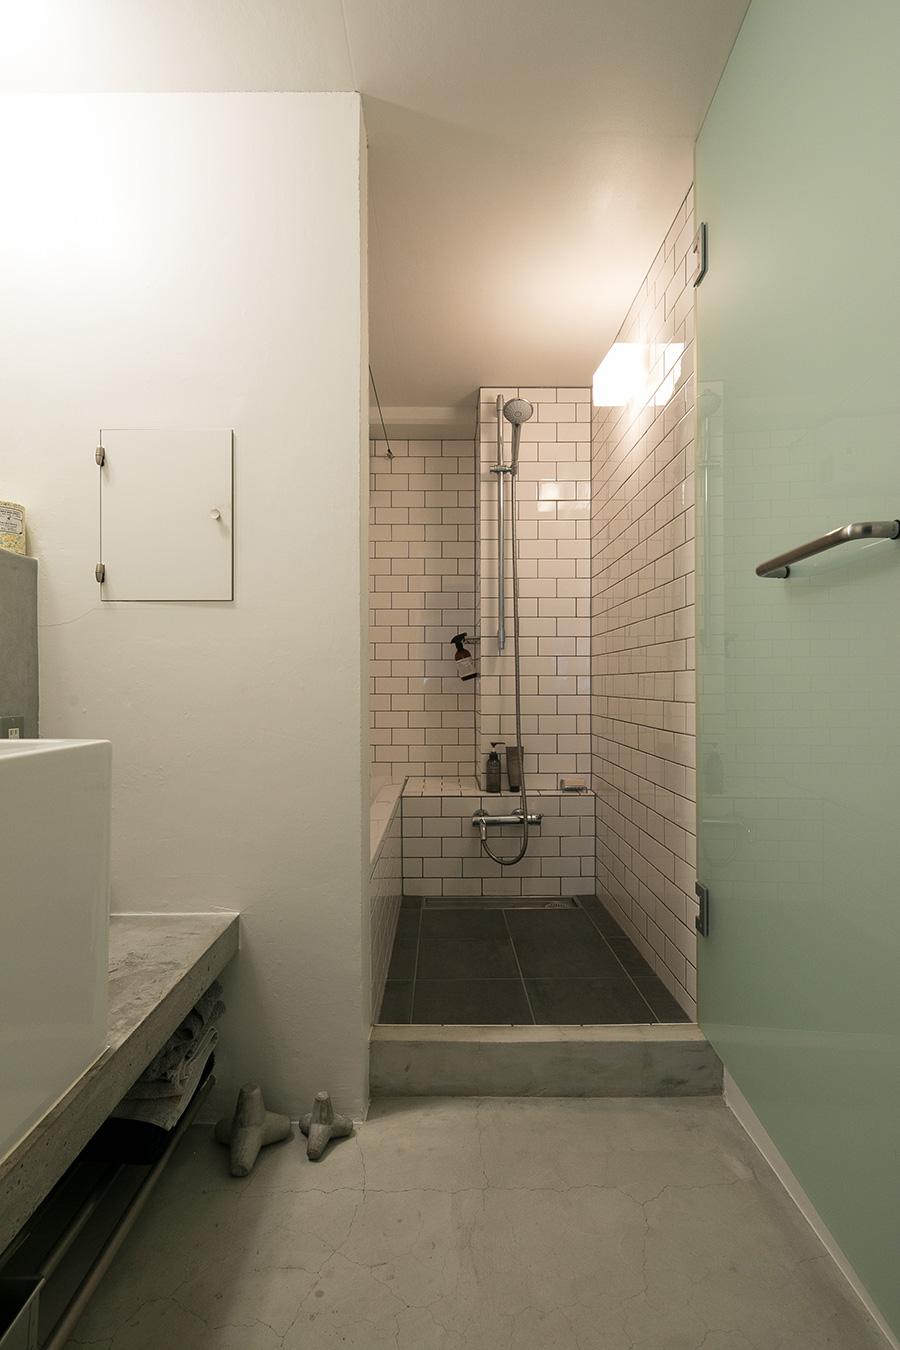 バスルームにはサブウェイタイルを使った。足元のミニサイズのテトラポットは、本物のテトラポットを作っている会社が制作したものだそう。